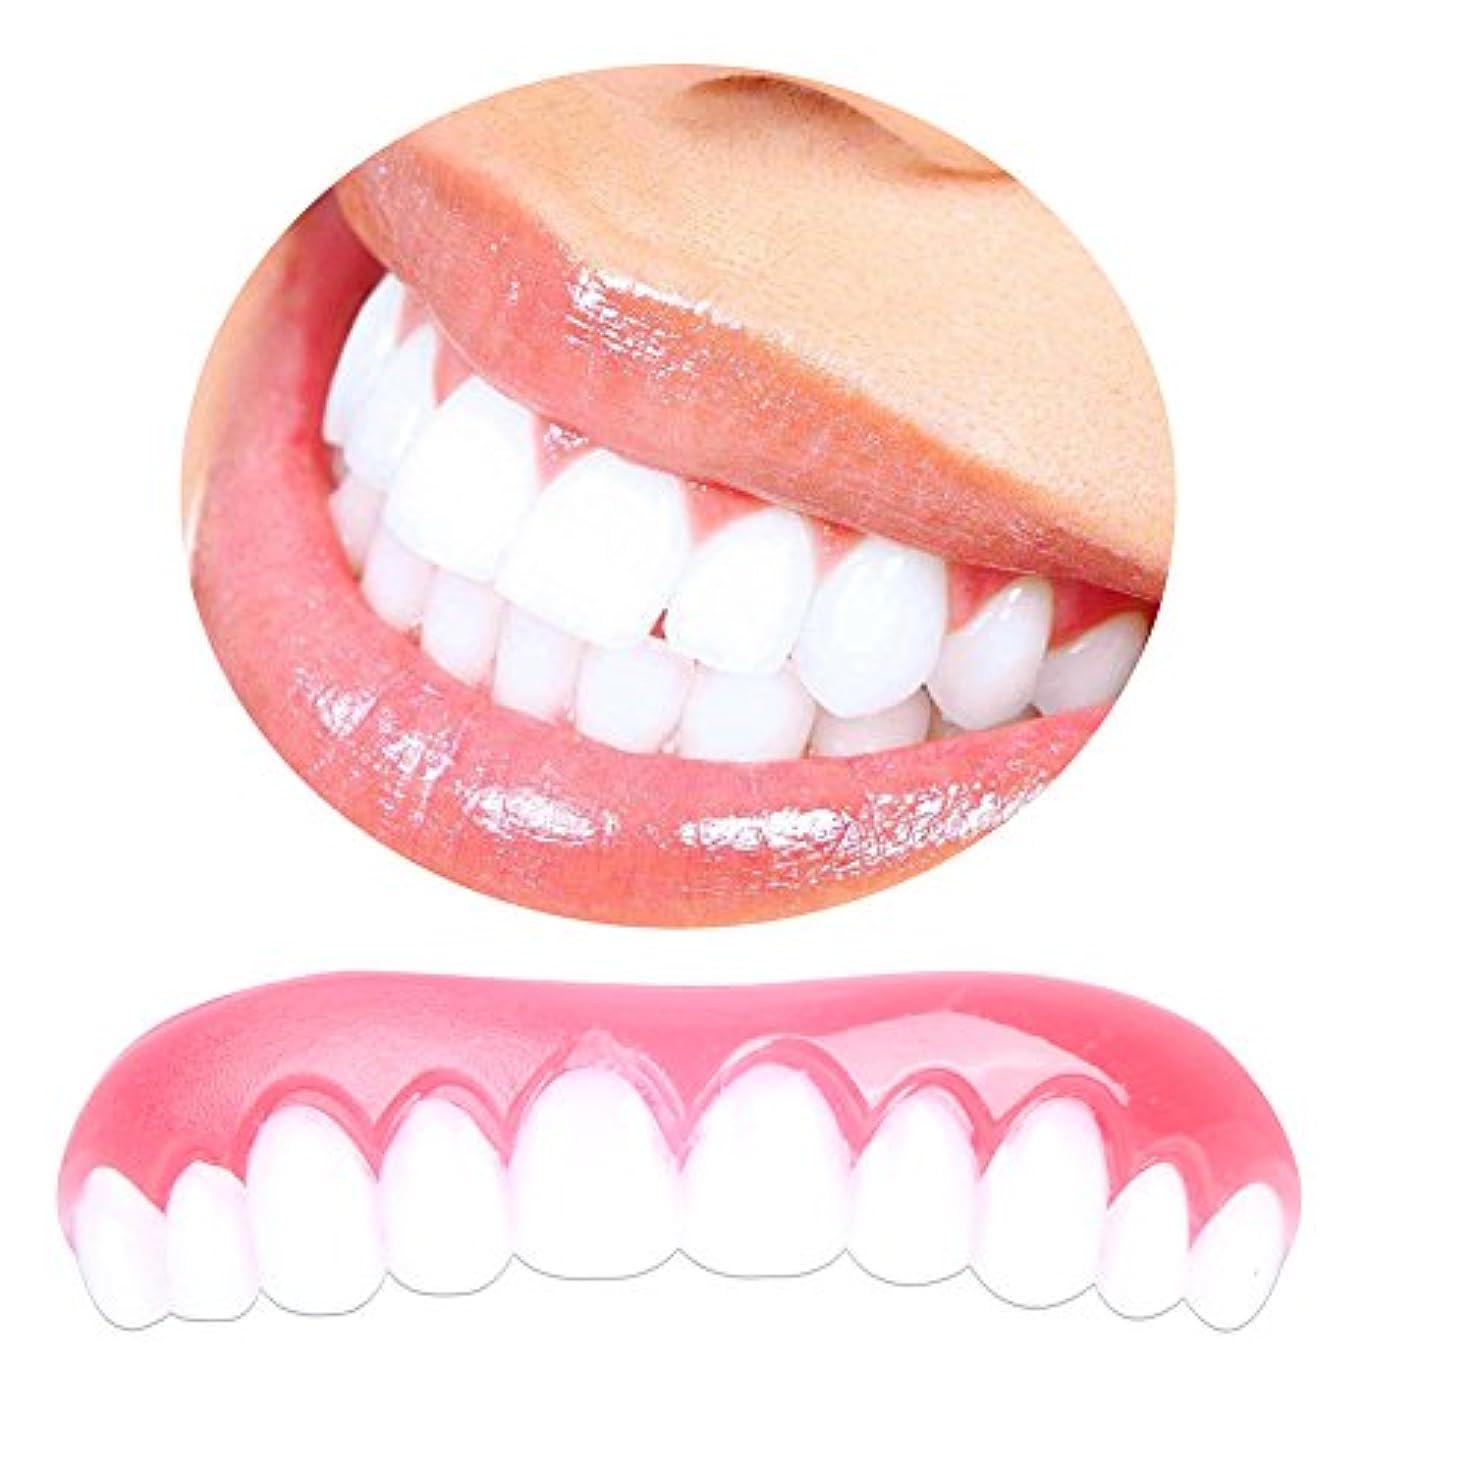 宣言する無心滑りやすい2個パーフェクトスマイルベニヤダブの歯の修正のための在庫の悪い歯のためのパーフェクトスマイルベニヤ歯のホワイトニング